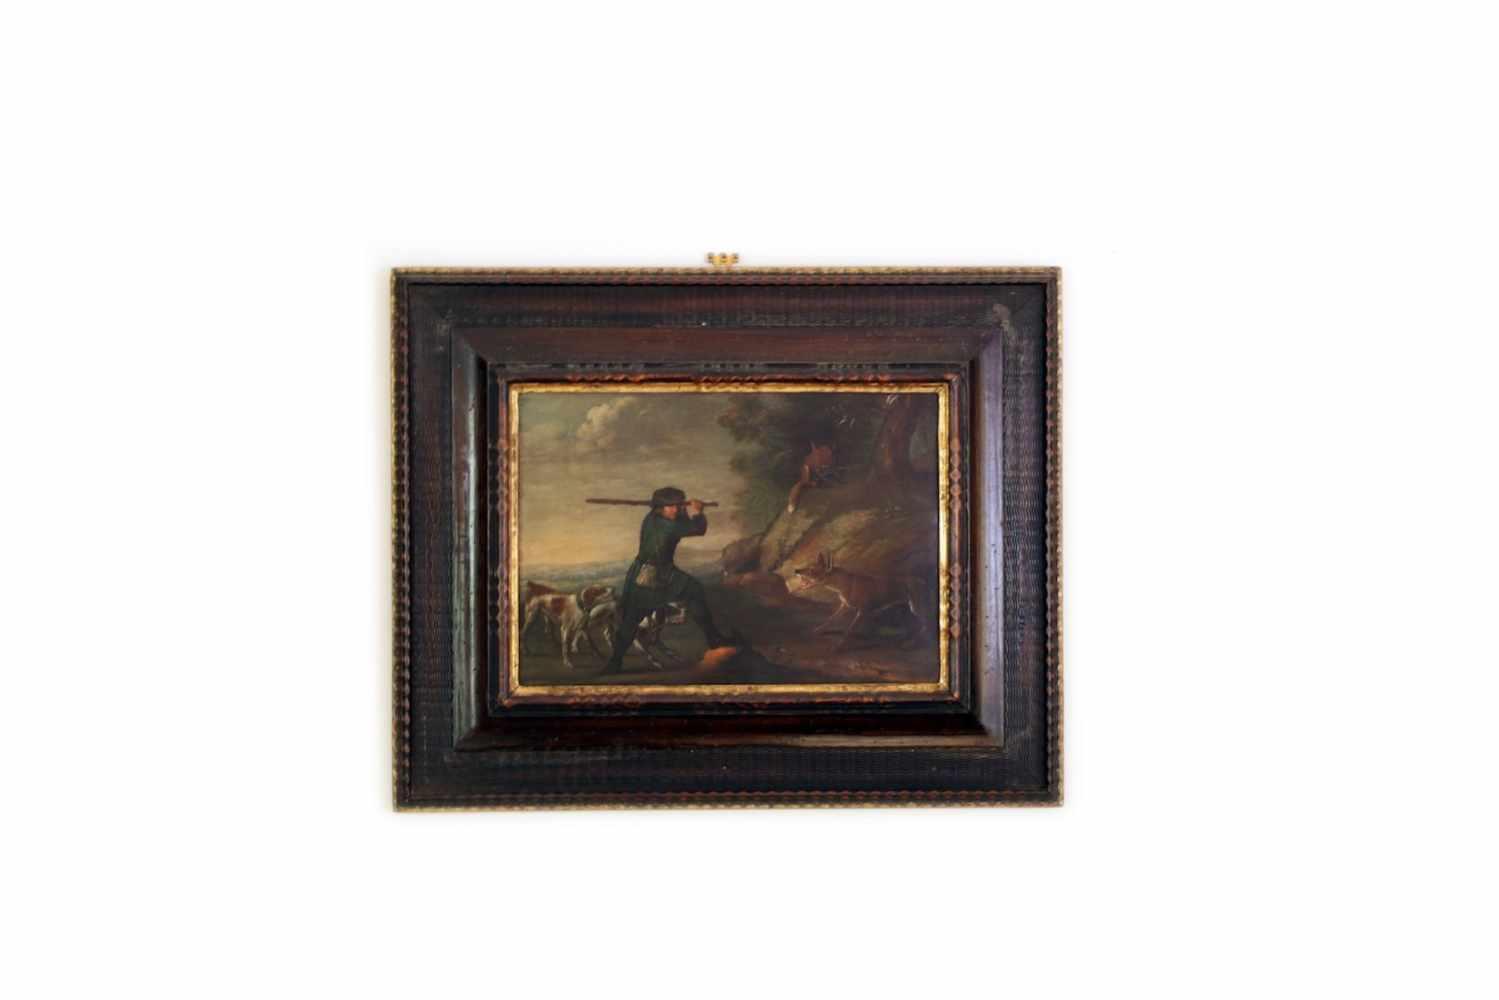 ZWEI JAGDBILDER 2 Jagdbilder, Öl auf Kupfer, 17. Jhdt., 41 x 28 cm